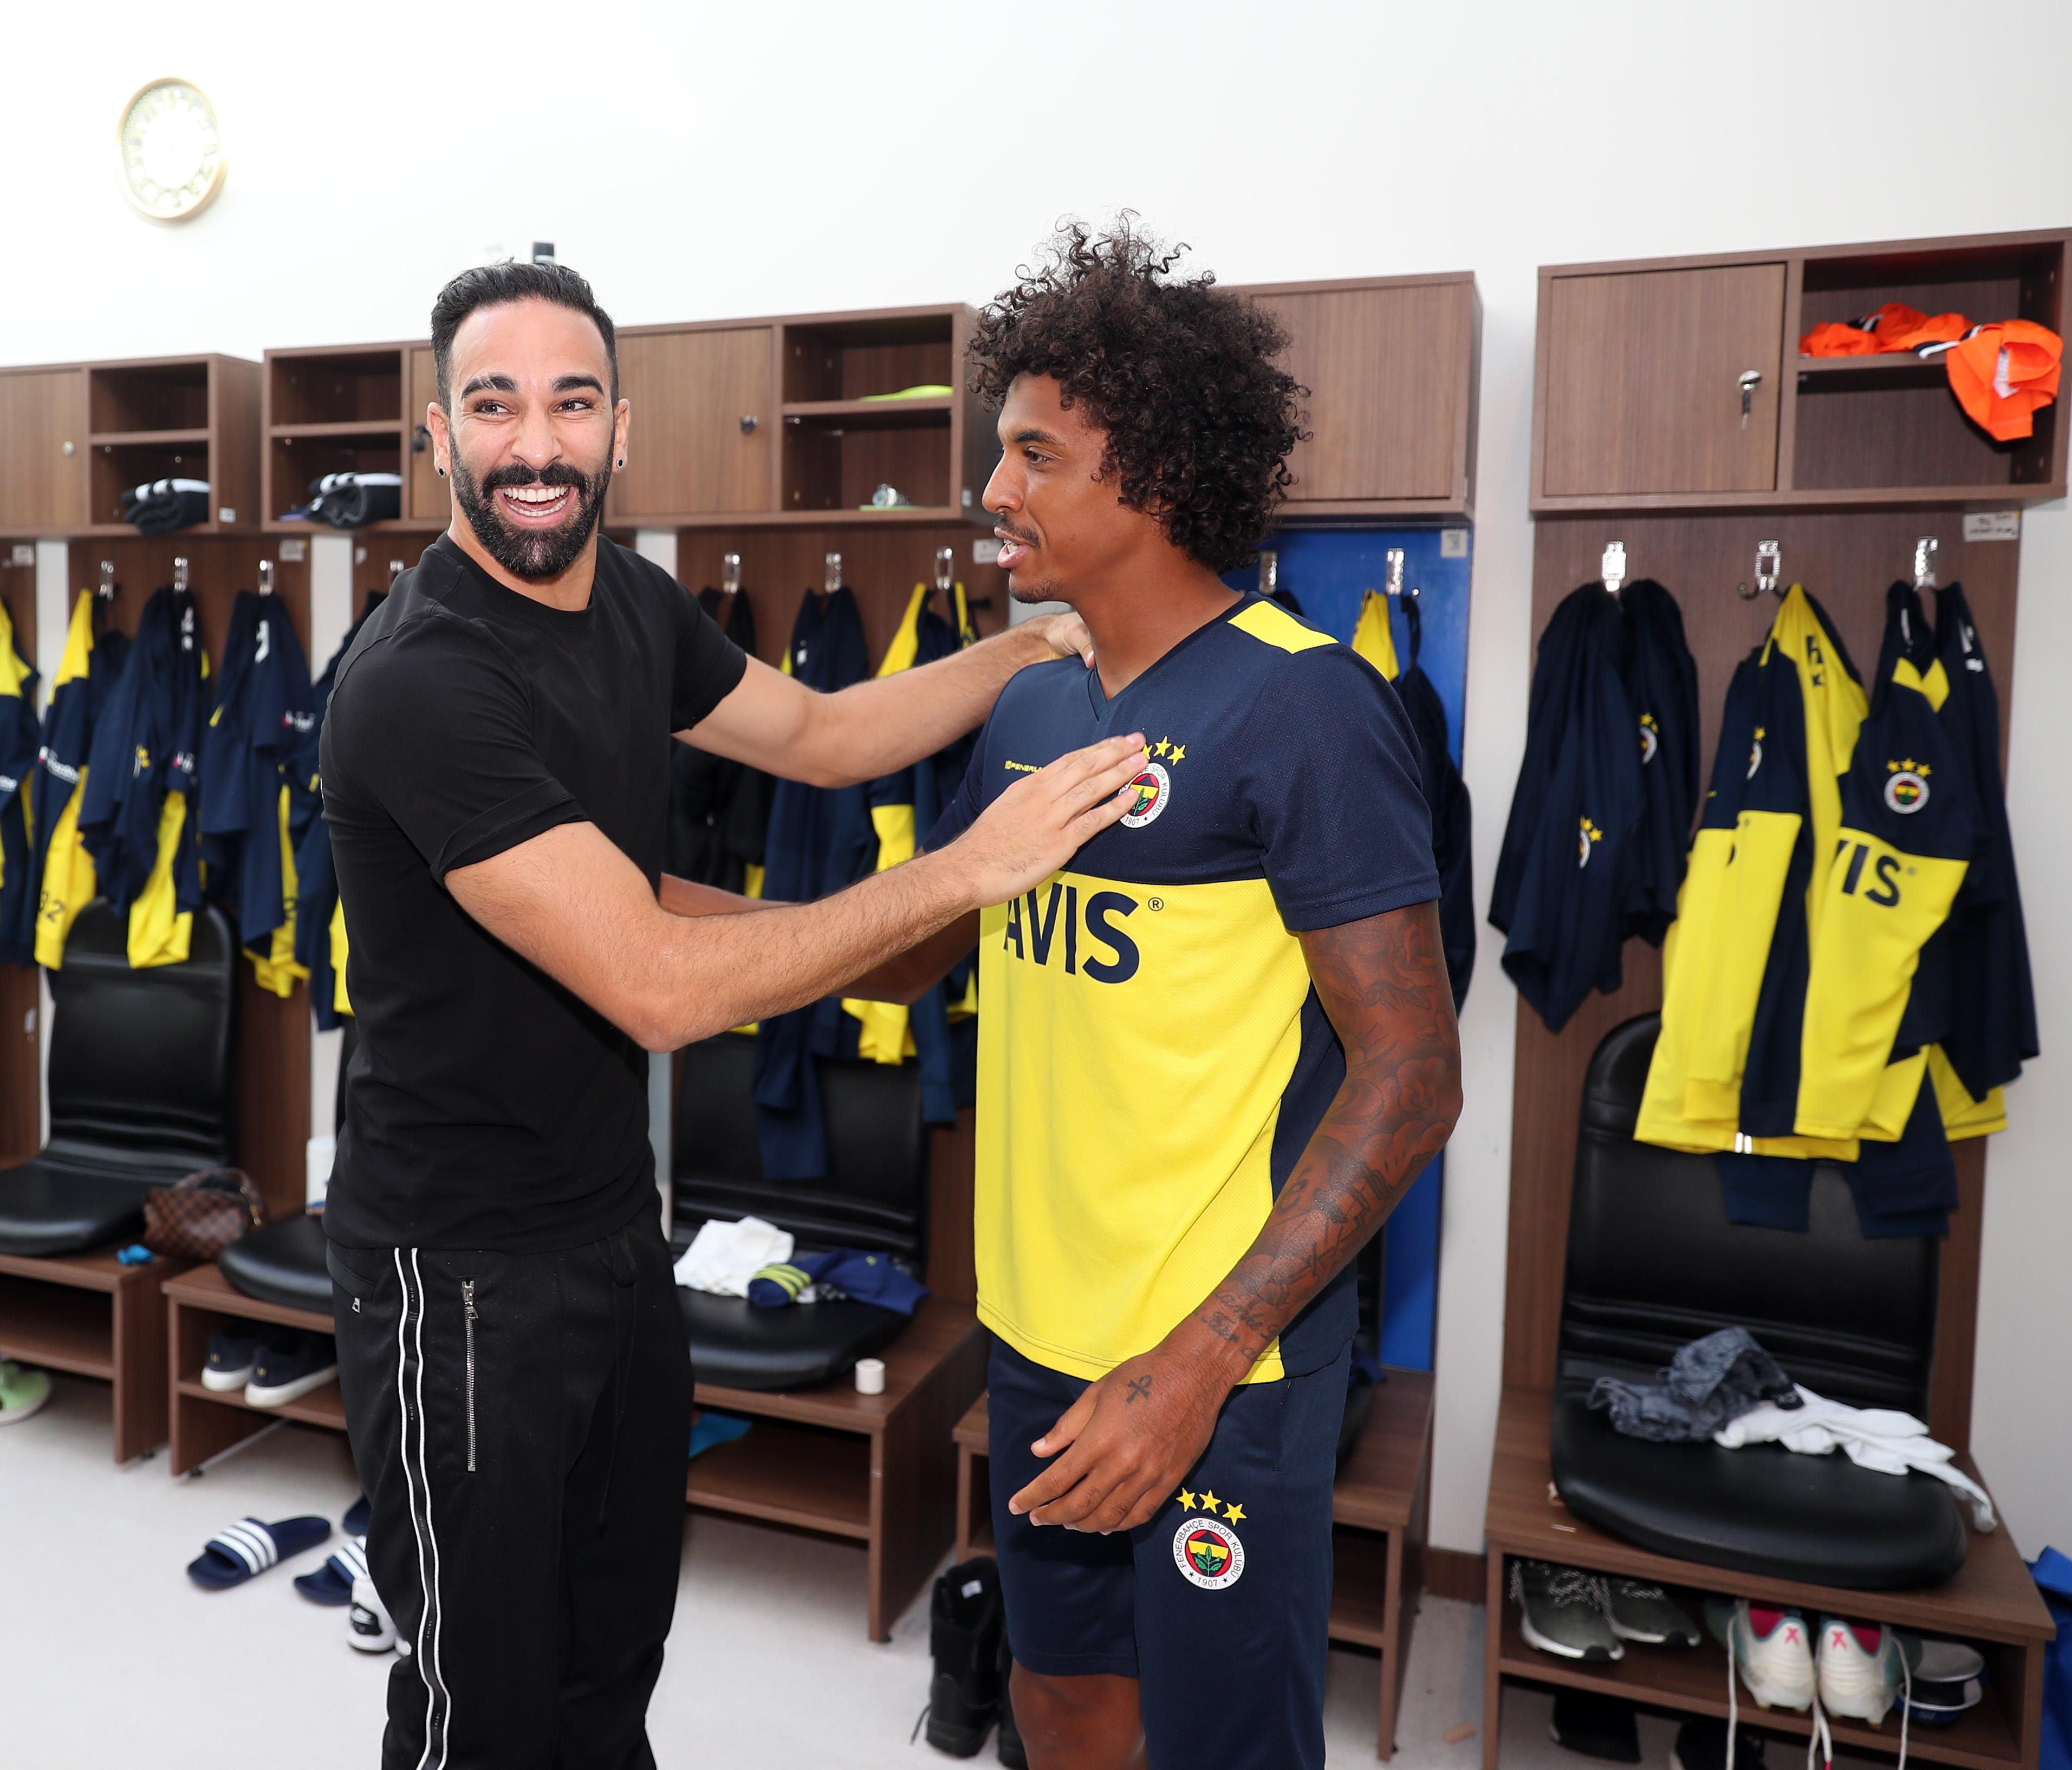 Football - Transferts - Pour quitter l'OM, Luiz Gustavo aurait payé 1 M¬ de sa poche